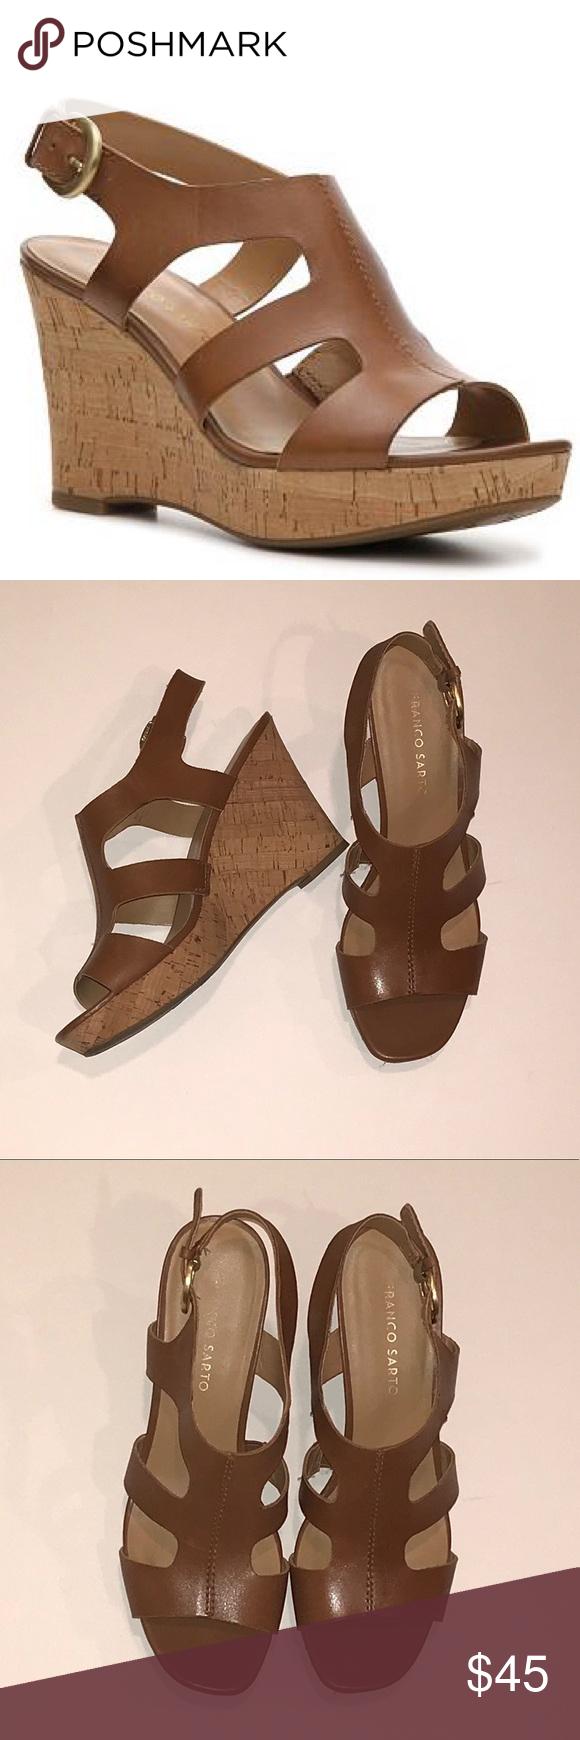 f41c40e6294e Franco sarto wedge size franco sarto platform sandals in great png 580x1740 Franco  sarto rubber soles